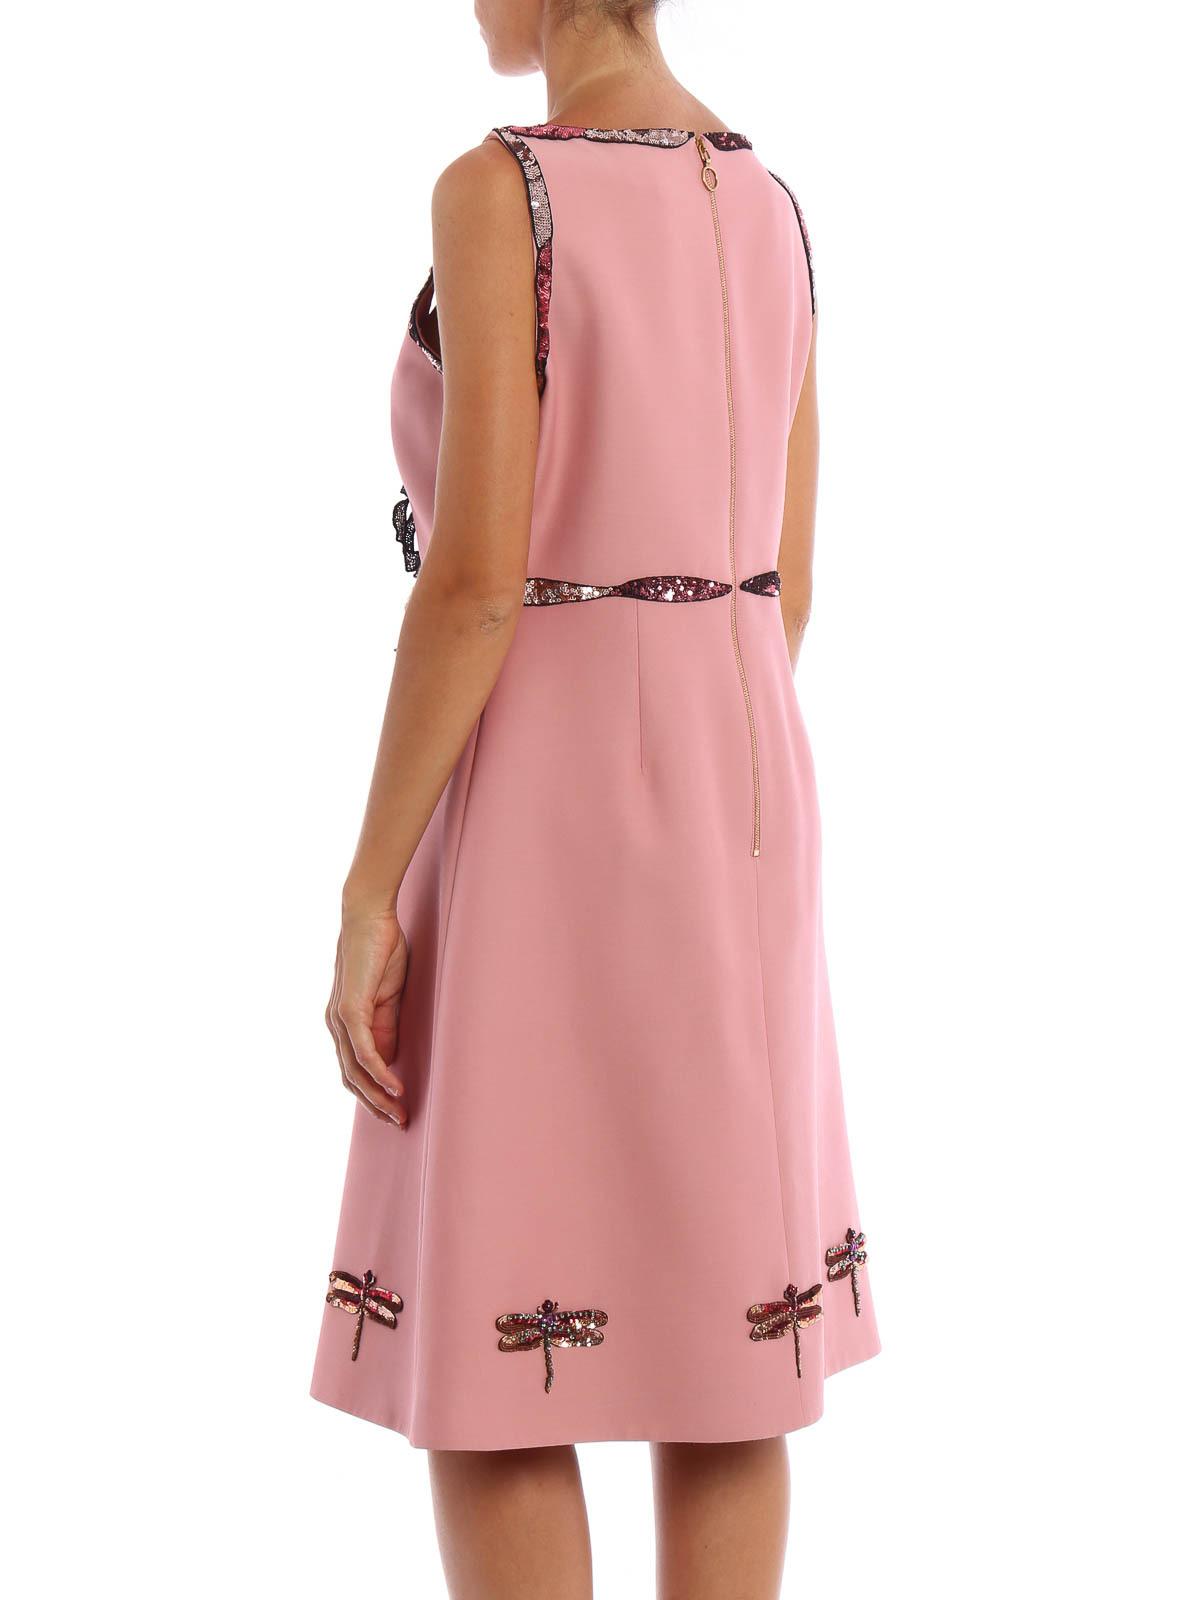 20 Schön Gucci Abendkleid Ärmel Einzigartig Gucci Abendkleid Vertrieb